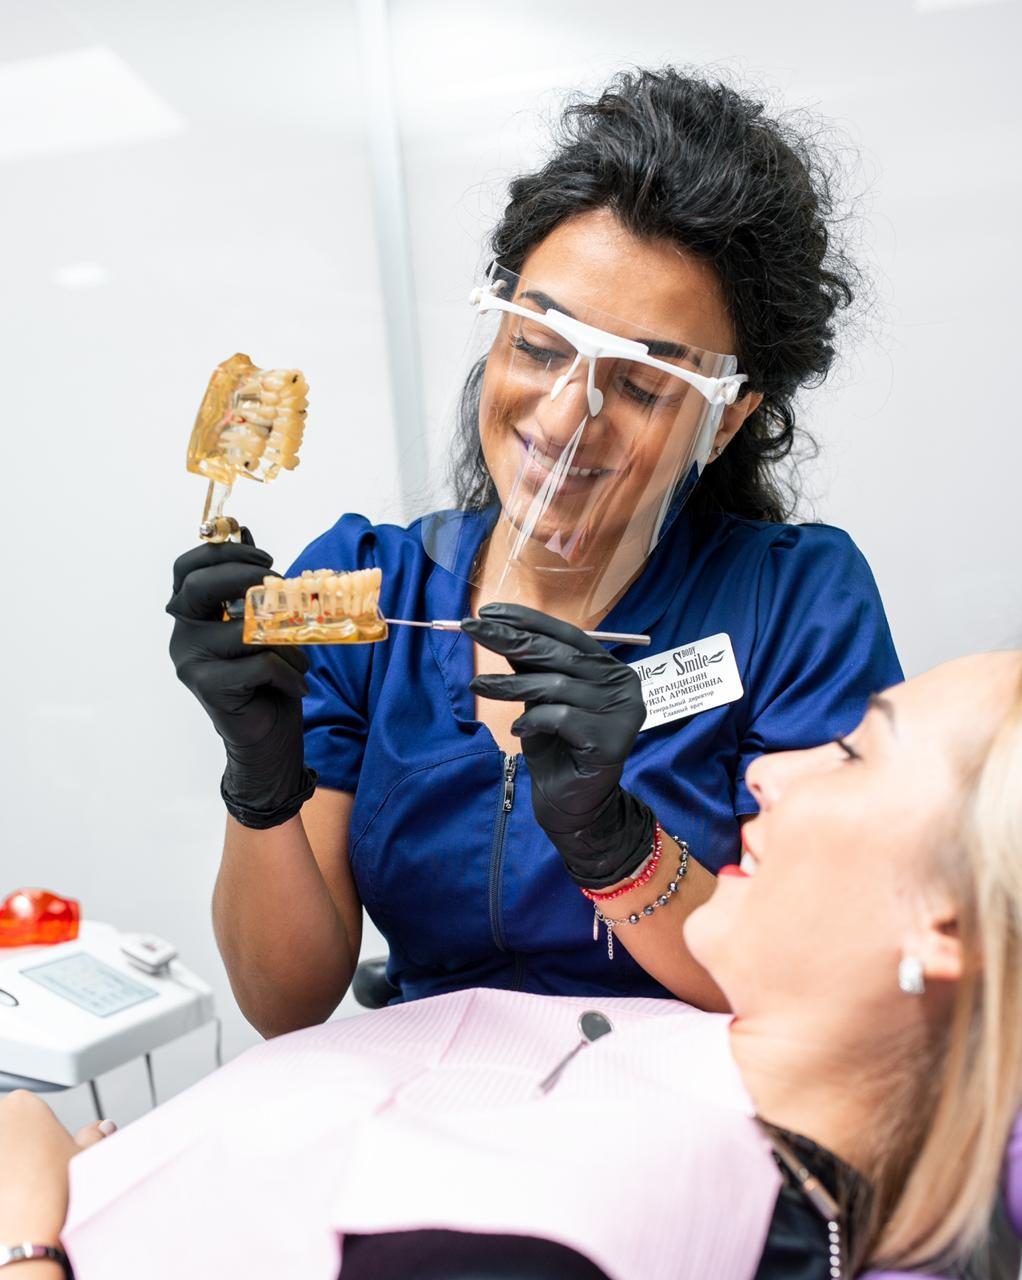 Отбеливание зубов — это вредно? Известный стоматолог рассказала всю правду о самой популярной процедуре